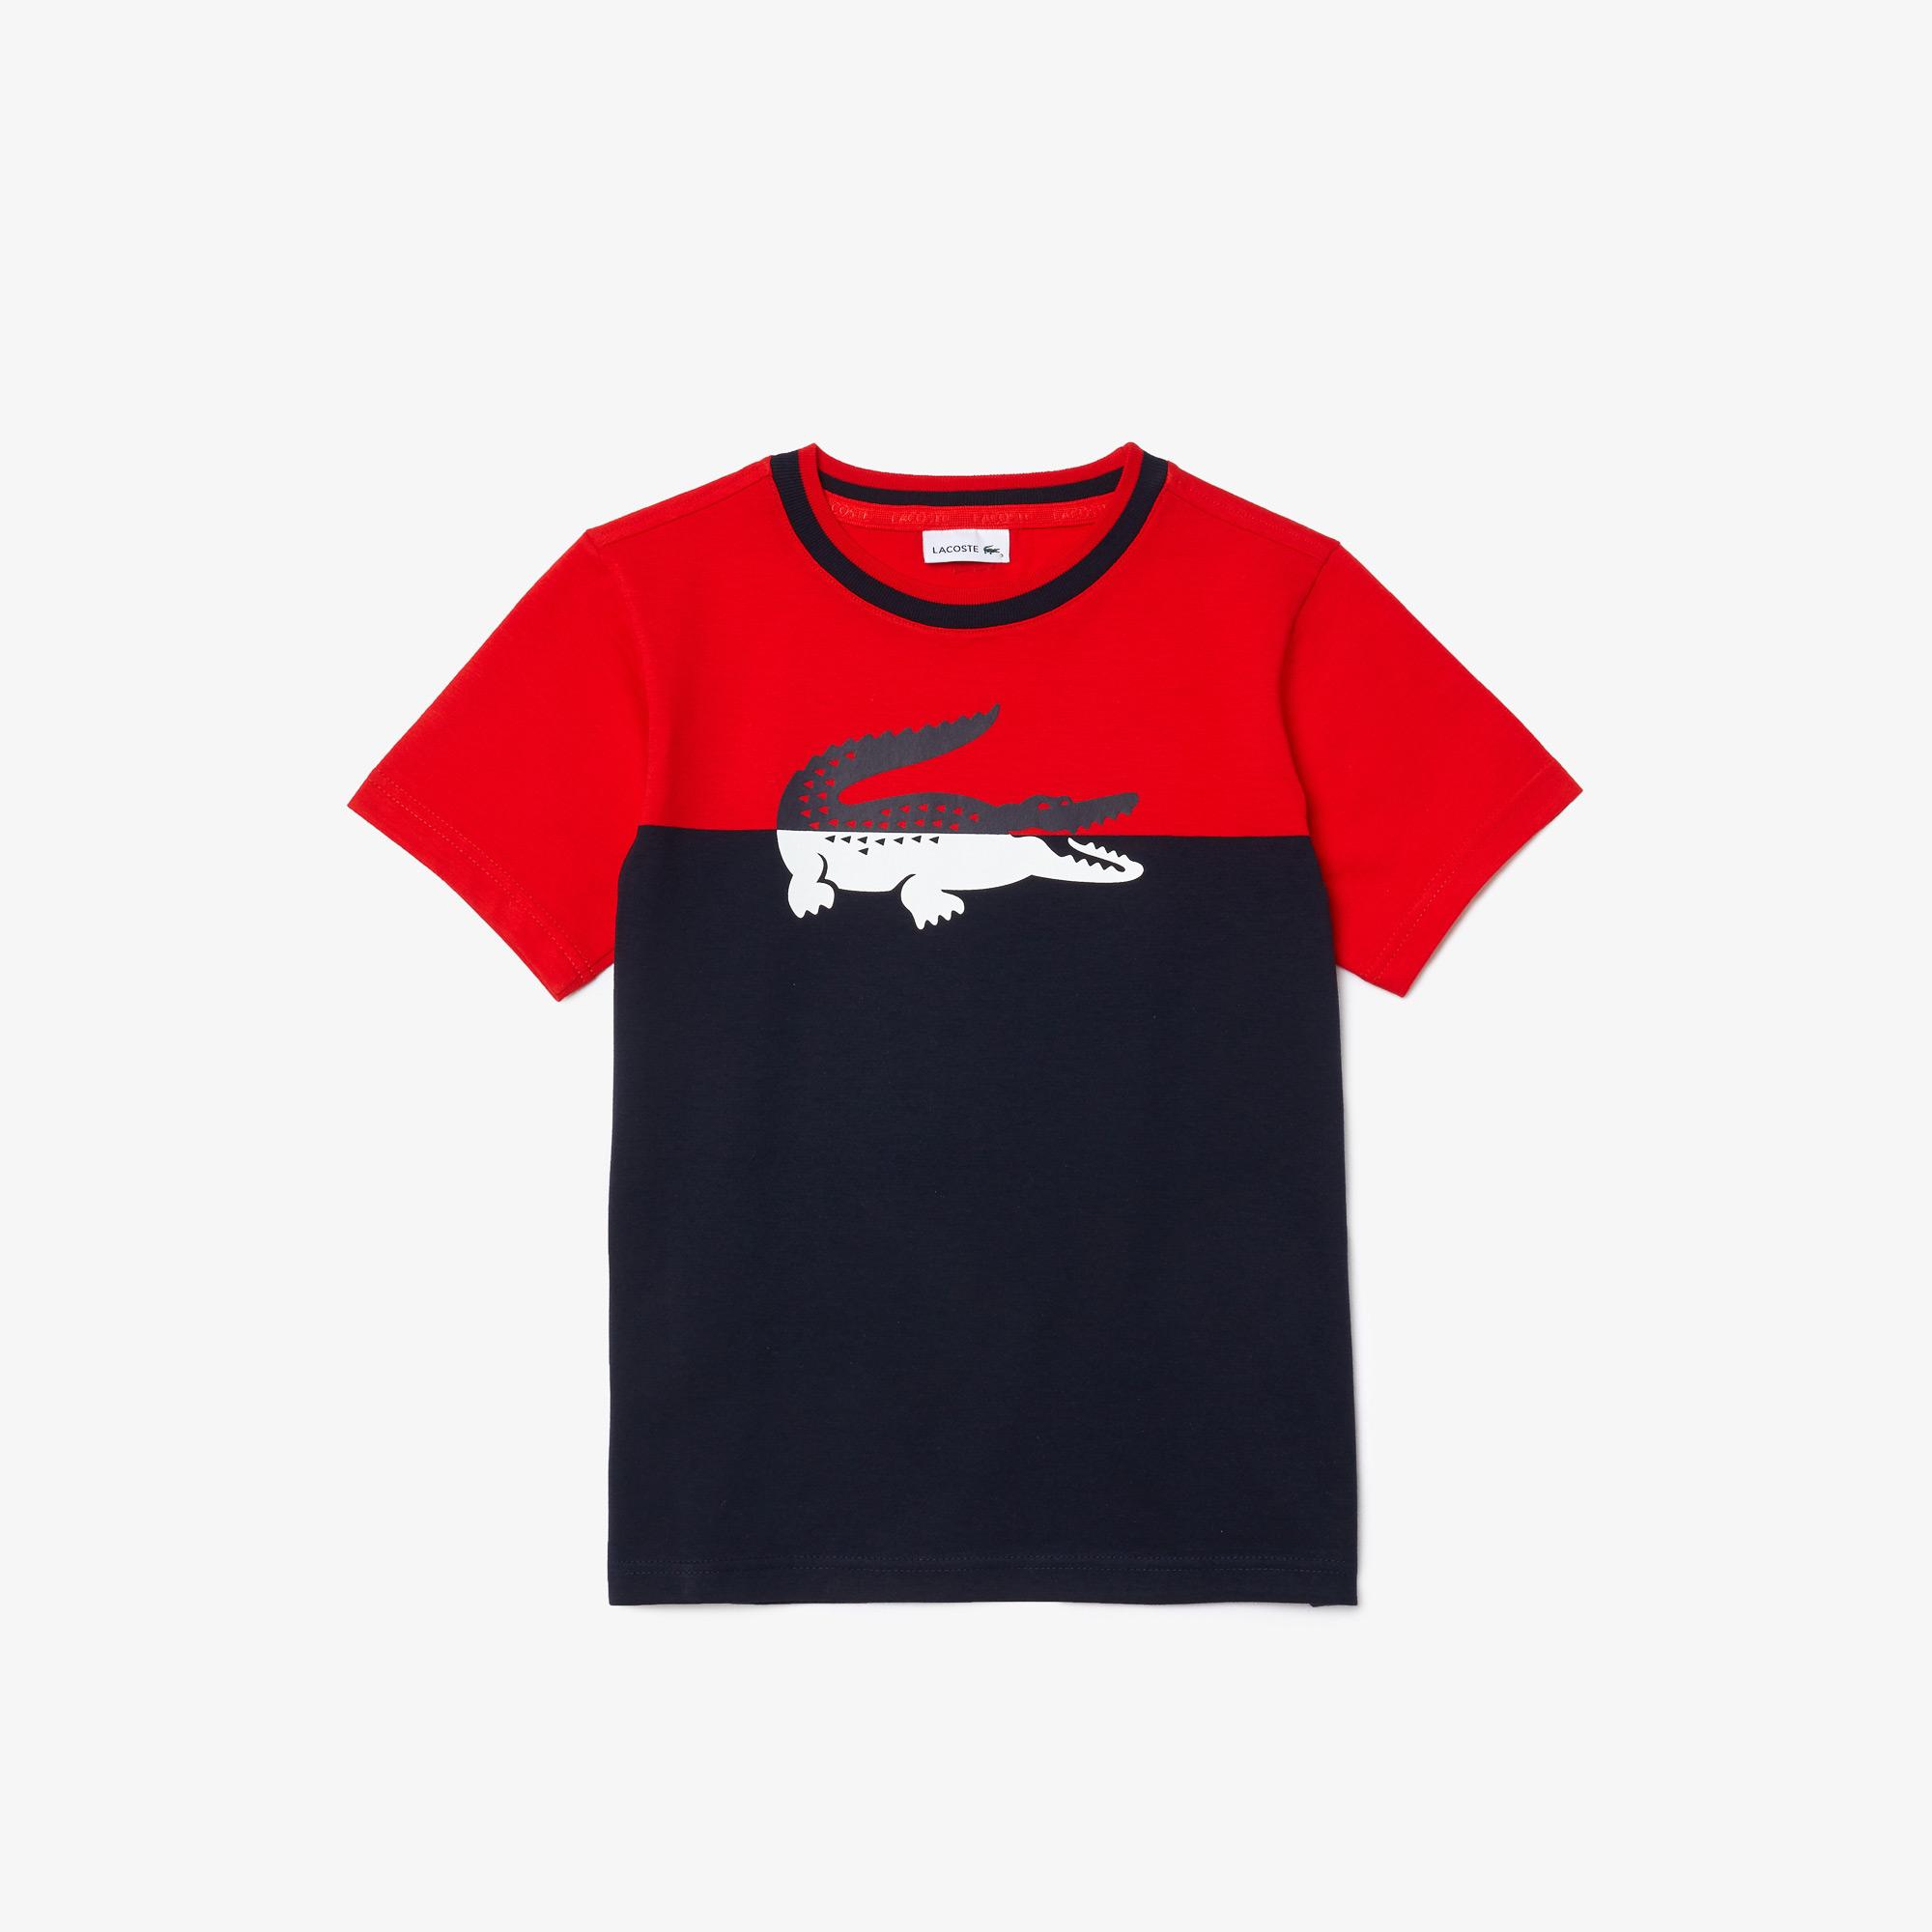 Lacoste Chłopięcy bawełniany dwukolorowy T-shirt z okrągłym dekoltem i nadrukiem krokodyla